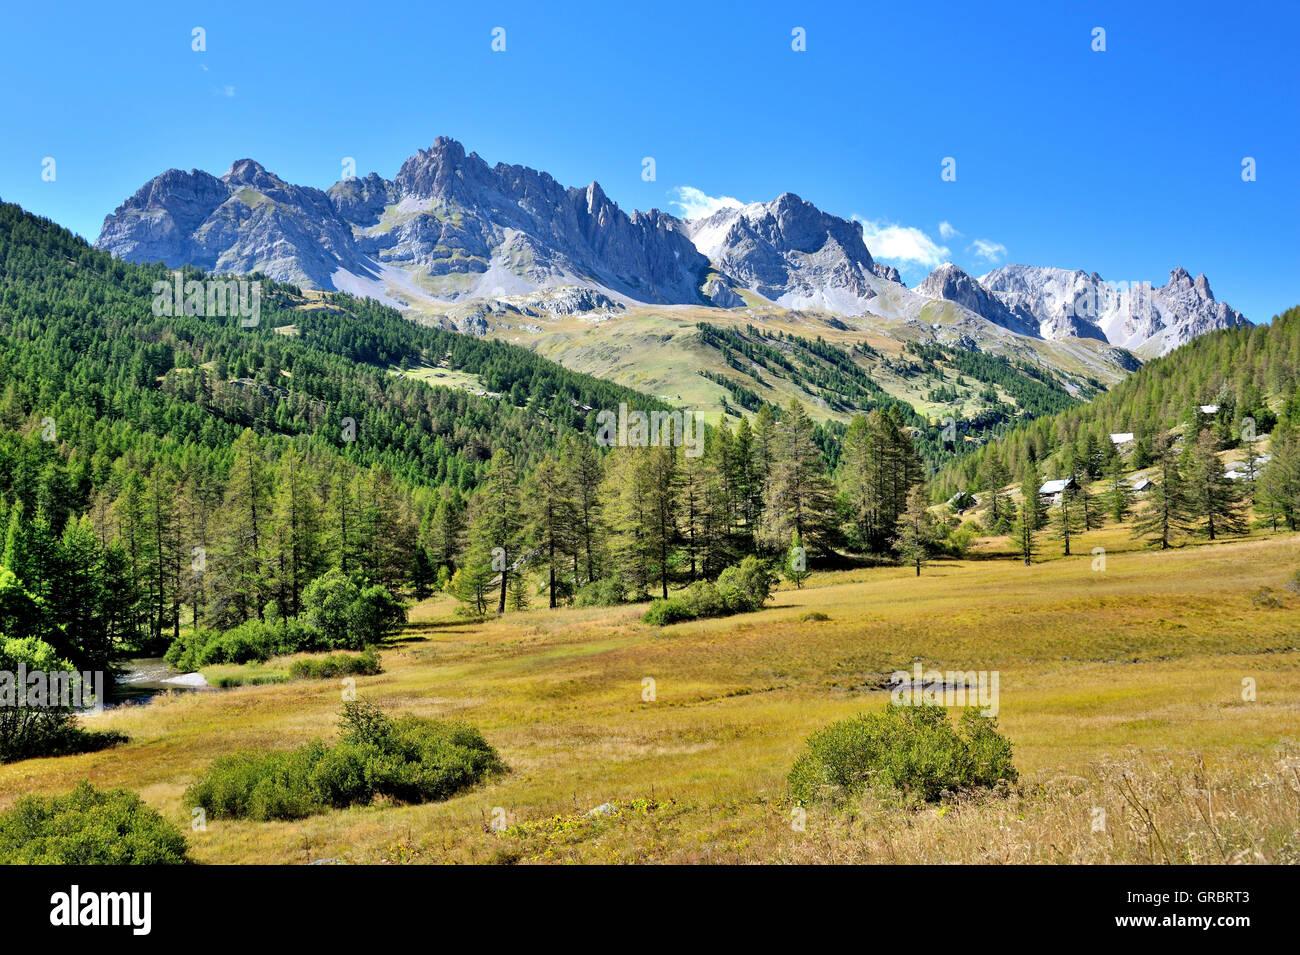 Chaîne de montagne dans les Alpes françaises, Brianconnais, France Photo Stock